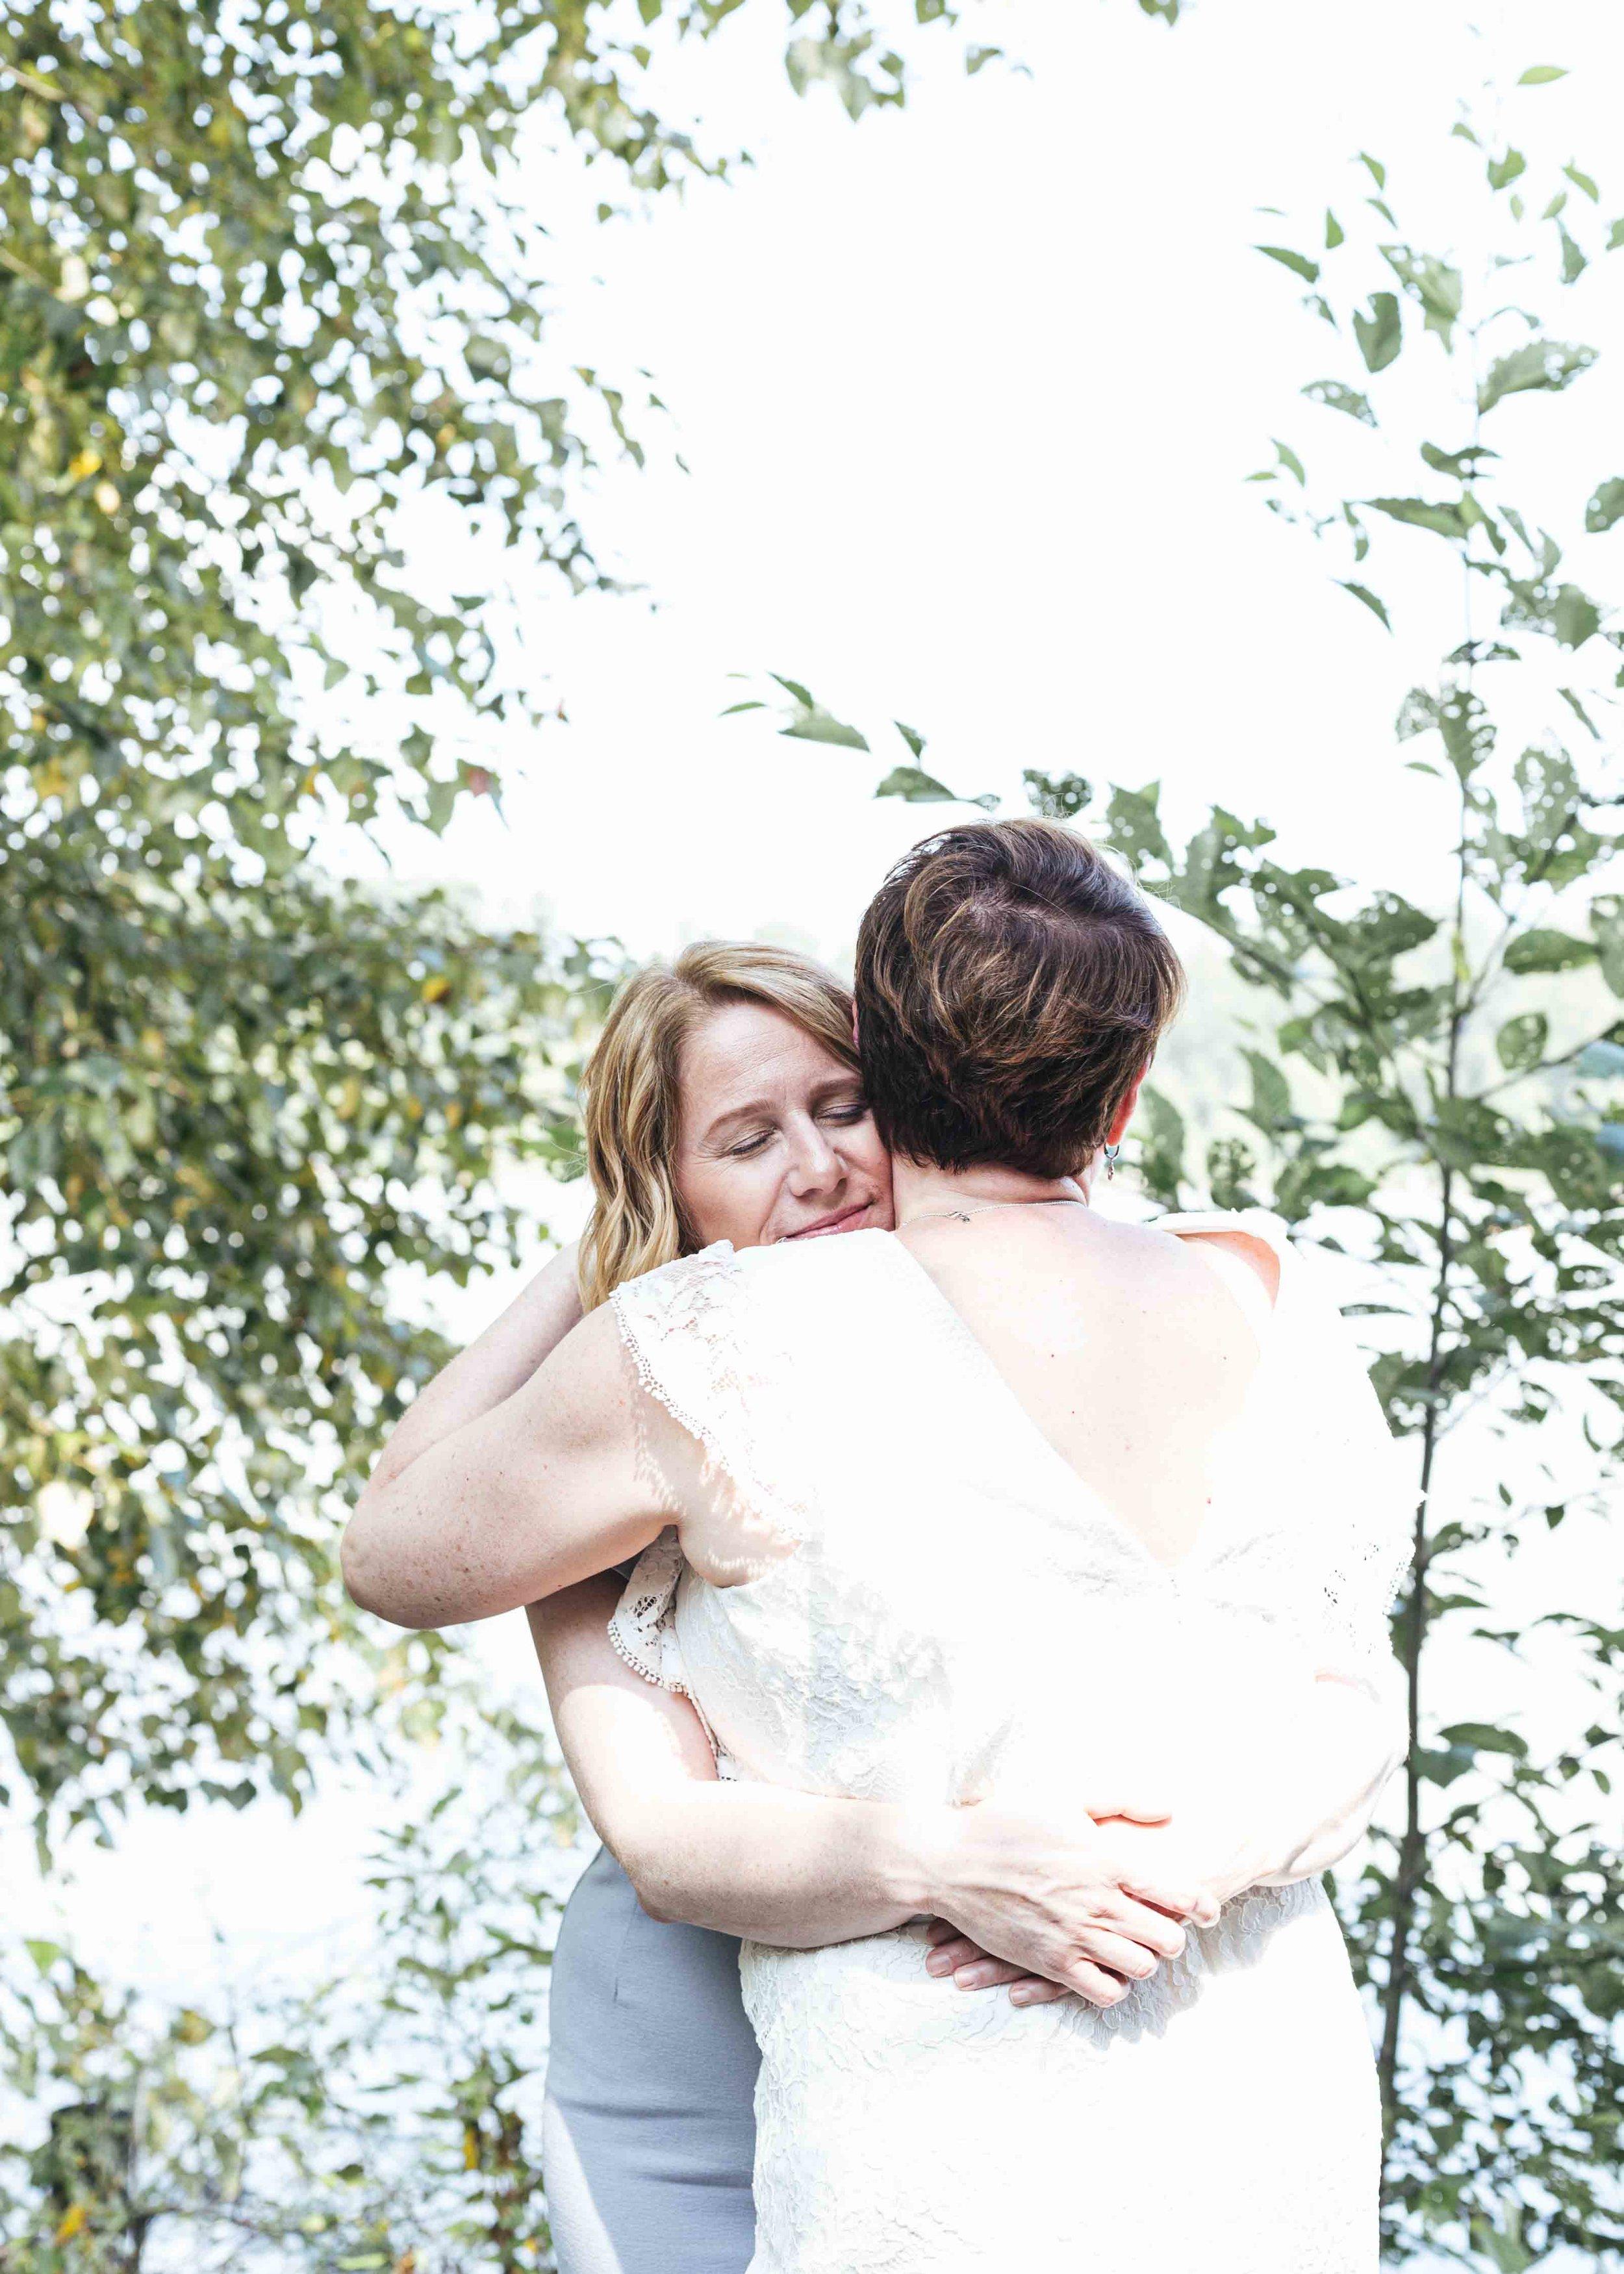 carla_darren_wedding_sophia_hsin_photography-34.jpg